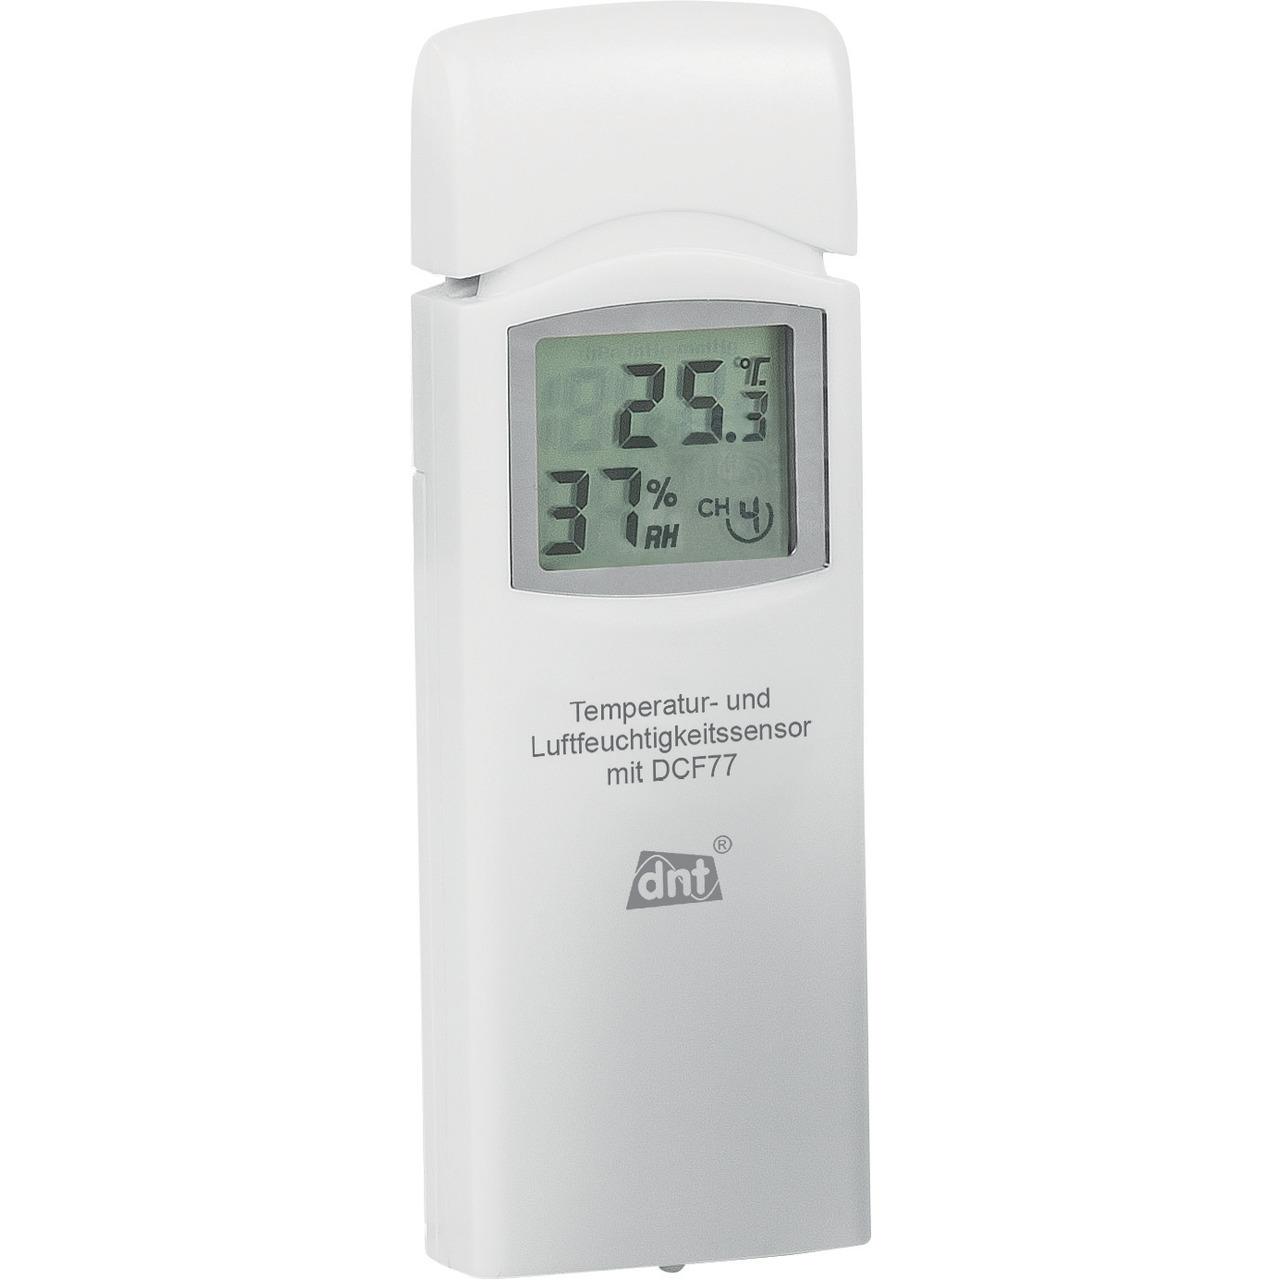 dnt Zusatz-Thermo-Hygrosensor DNT000005 für dnt RoomLogg PRO und dnt WeatherScreen PRO